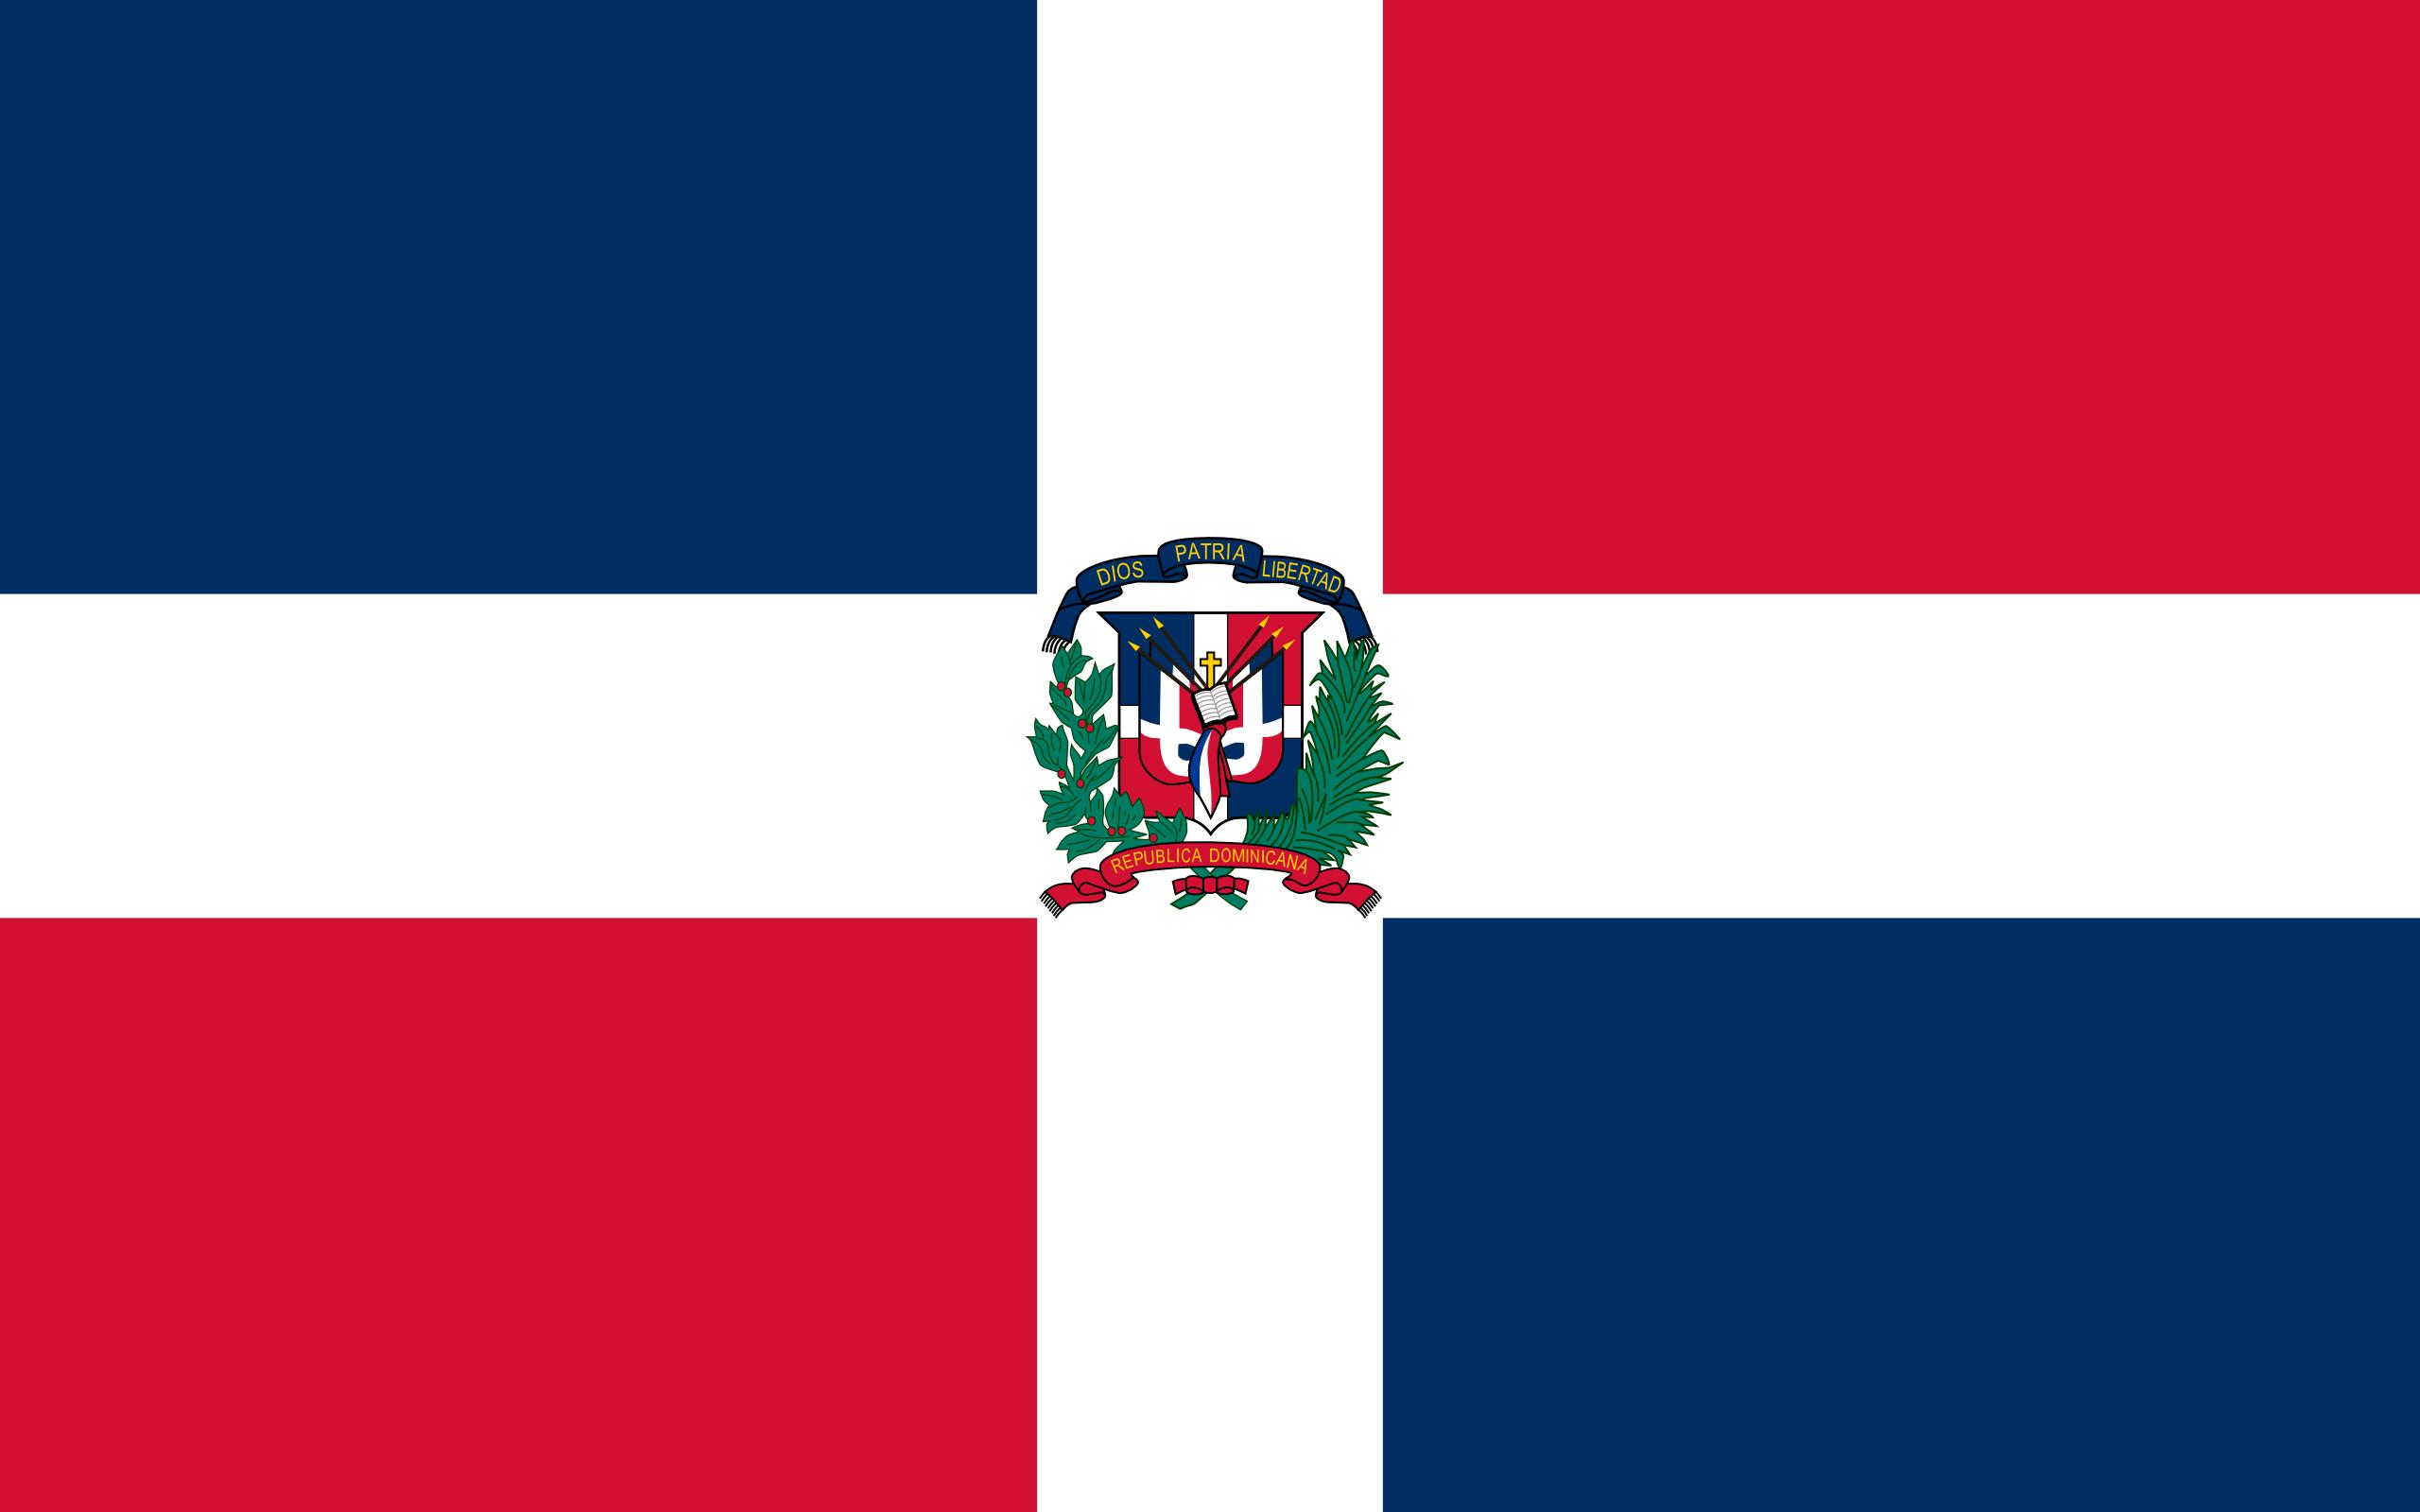 república dominicana, pays, emblème, logo, symbole - Fonds d'écran HD - Professor-falken.com